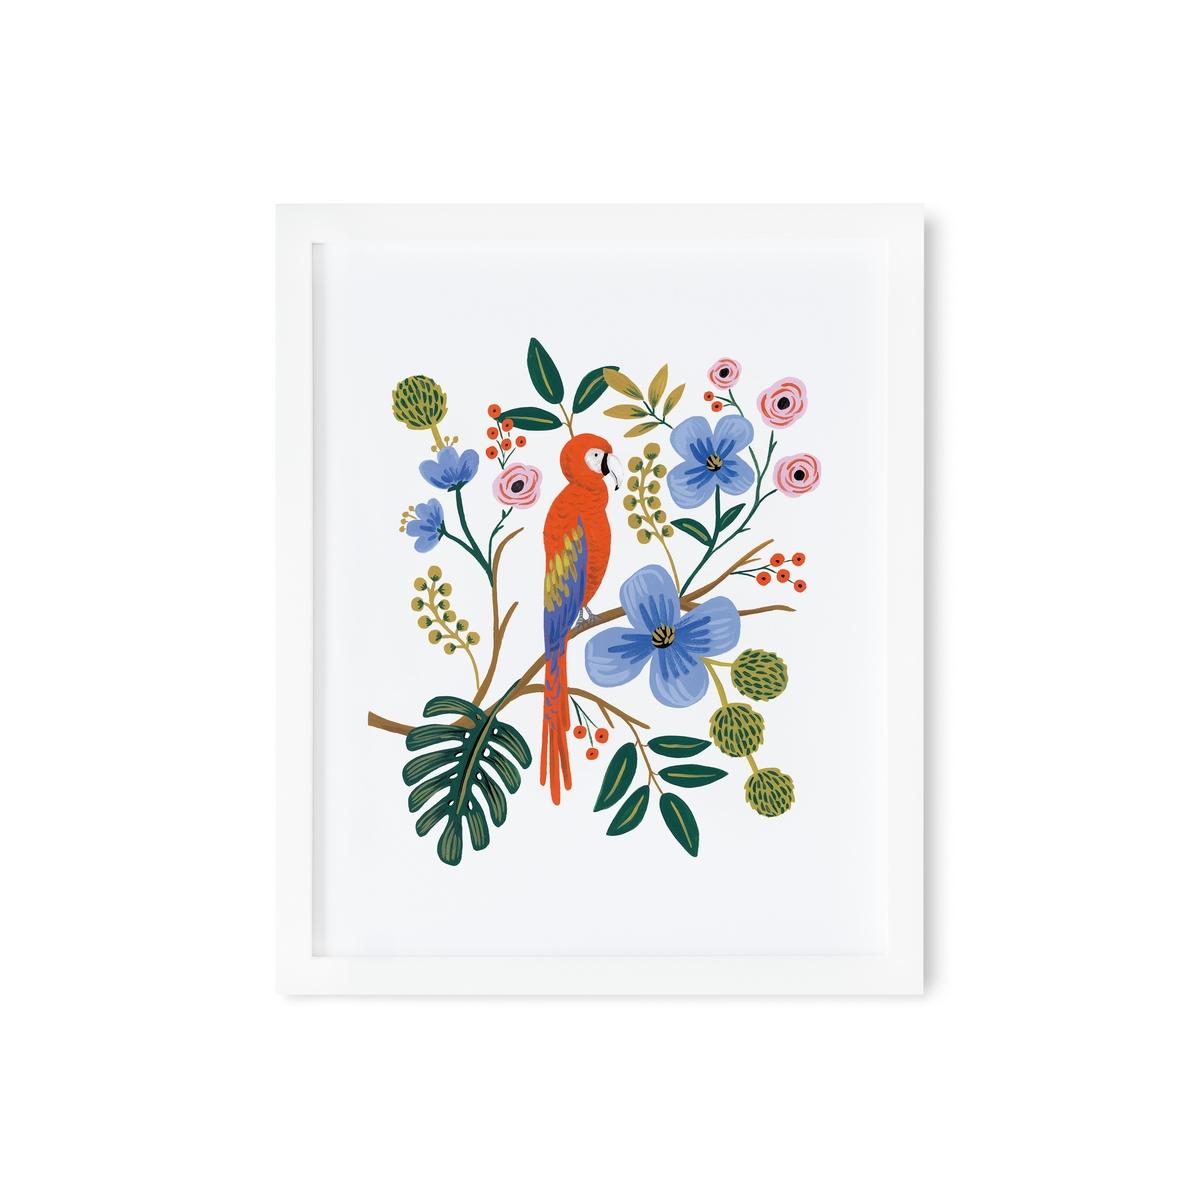 """Affiche & poster Affiches """"Perroquet"""" - 40.6 x 50.8 cm Affiches """"Perroquet"""" - 40.6 x 50.8 cm"""